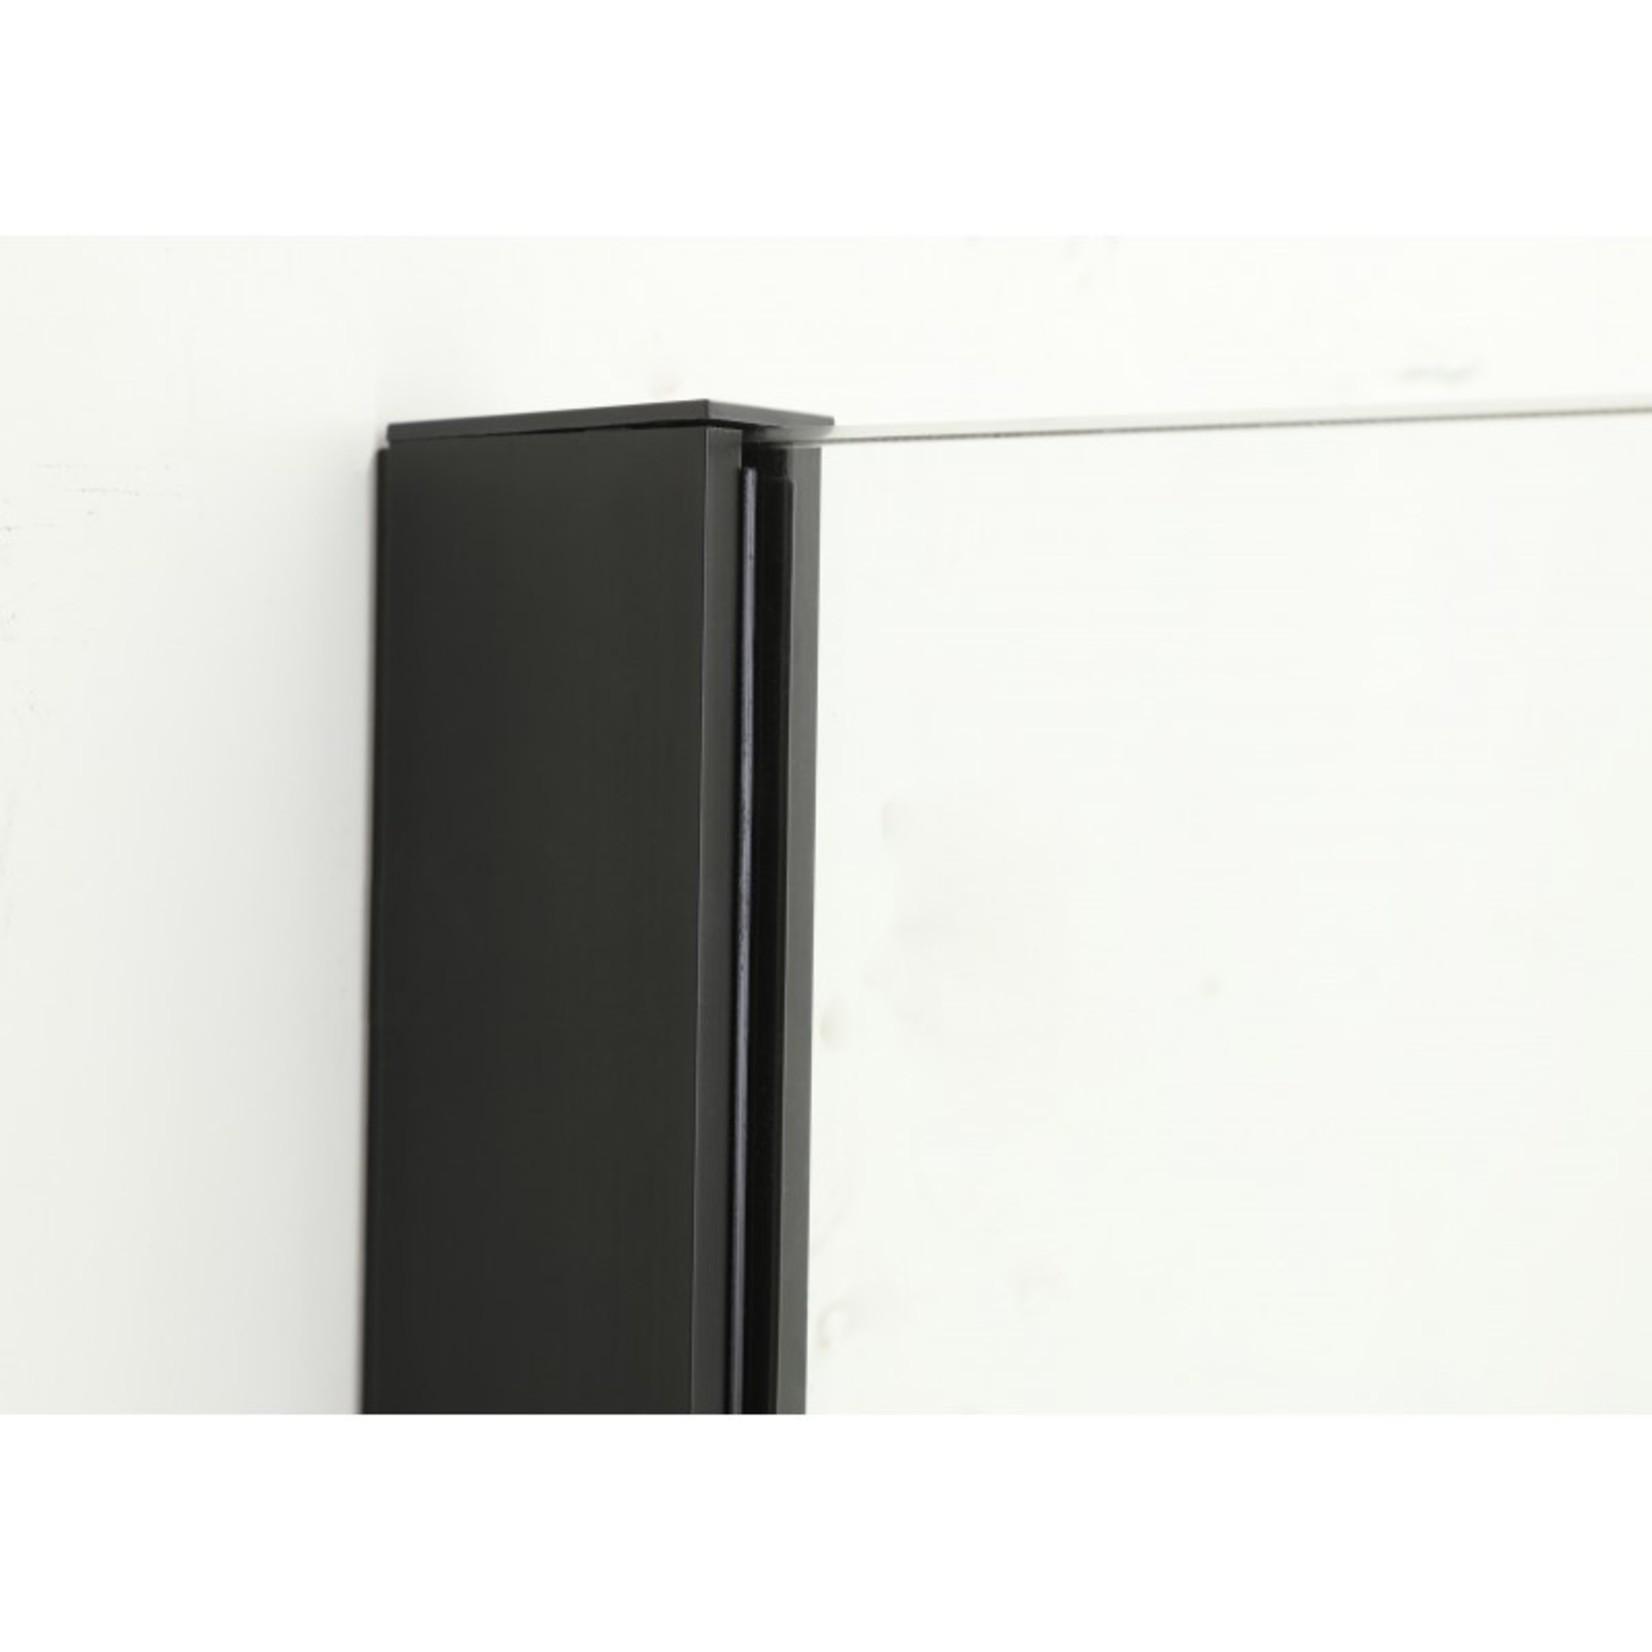 Douche en verre style Italienne 36'' Noir Mat DI20P-BLACK-36